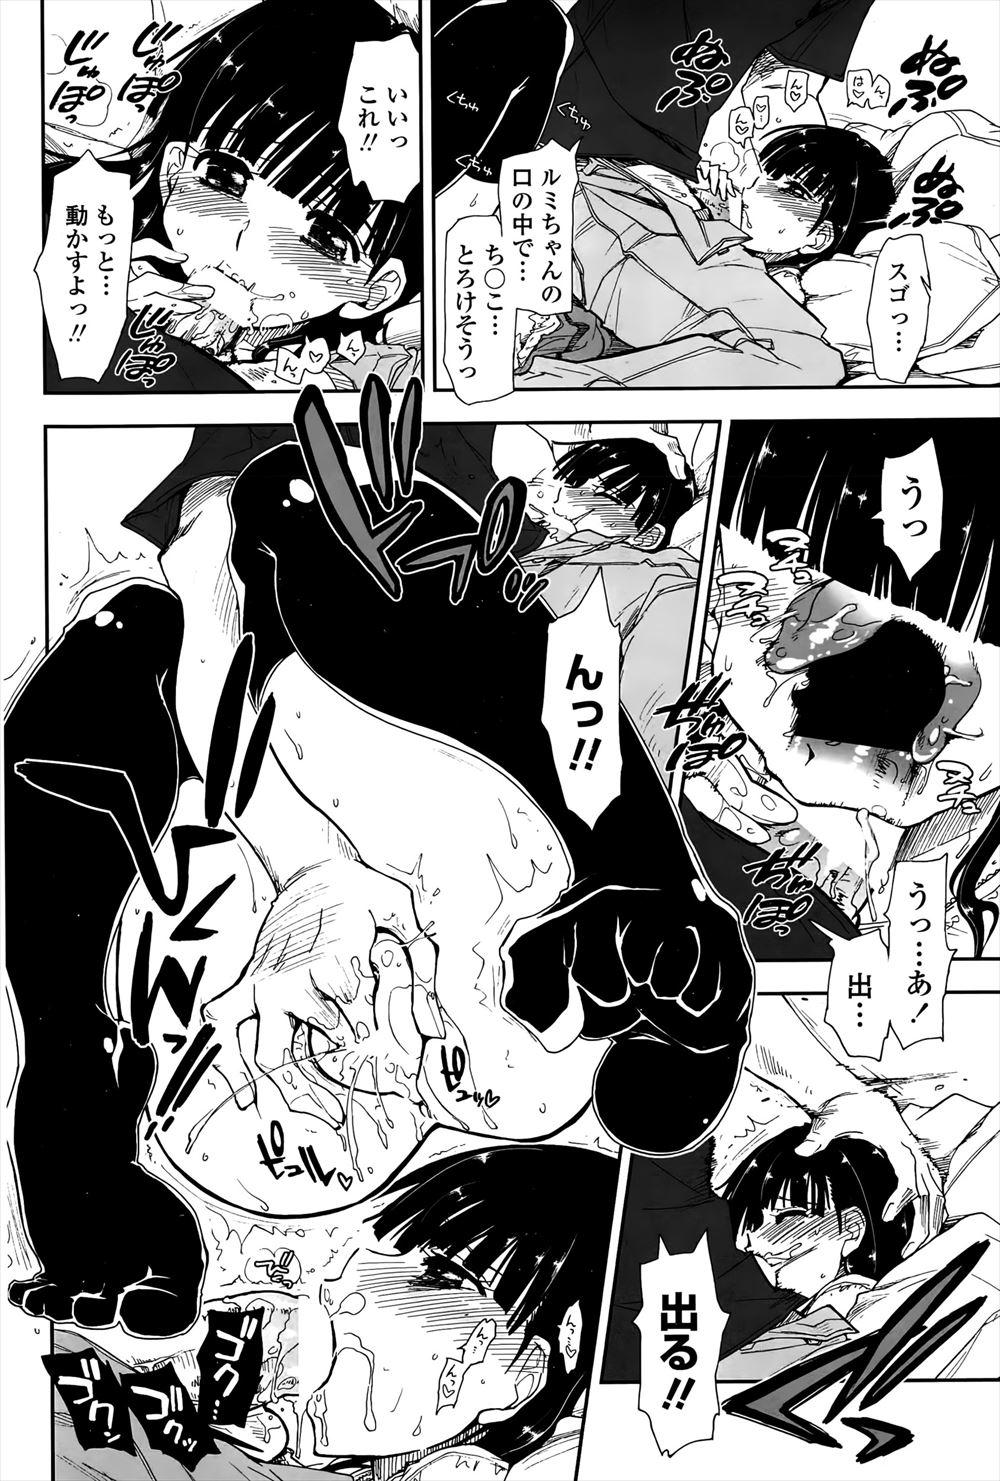 【エロ漫画・エロ同人誌】寝てる妹の横で巨乳娘とセックスしちゃってる兄w寝てると思ったら・・・ (2)